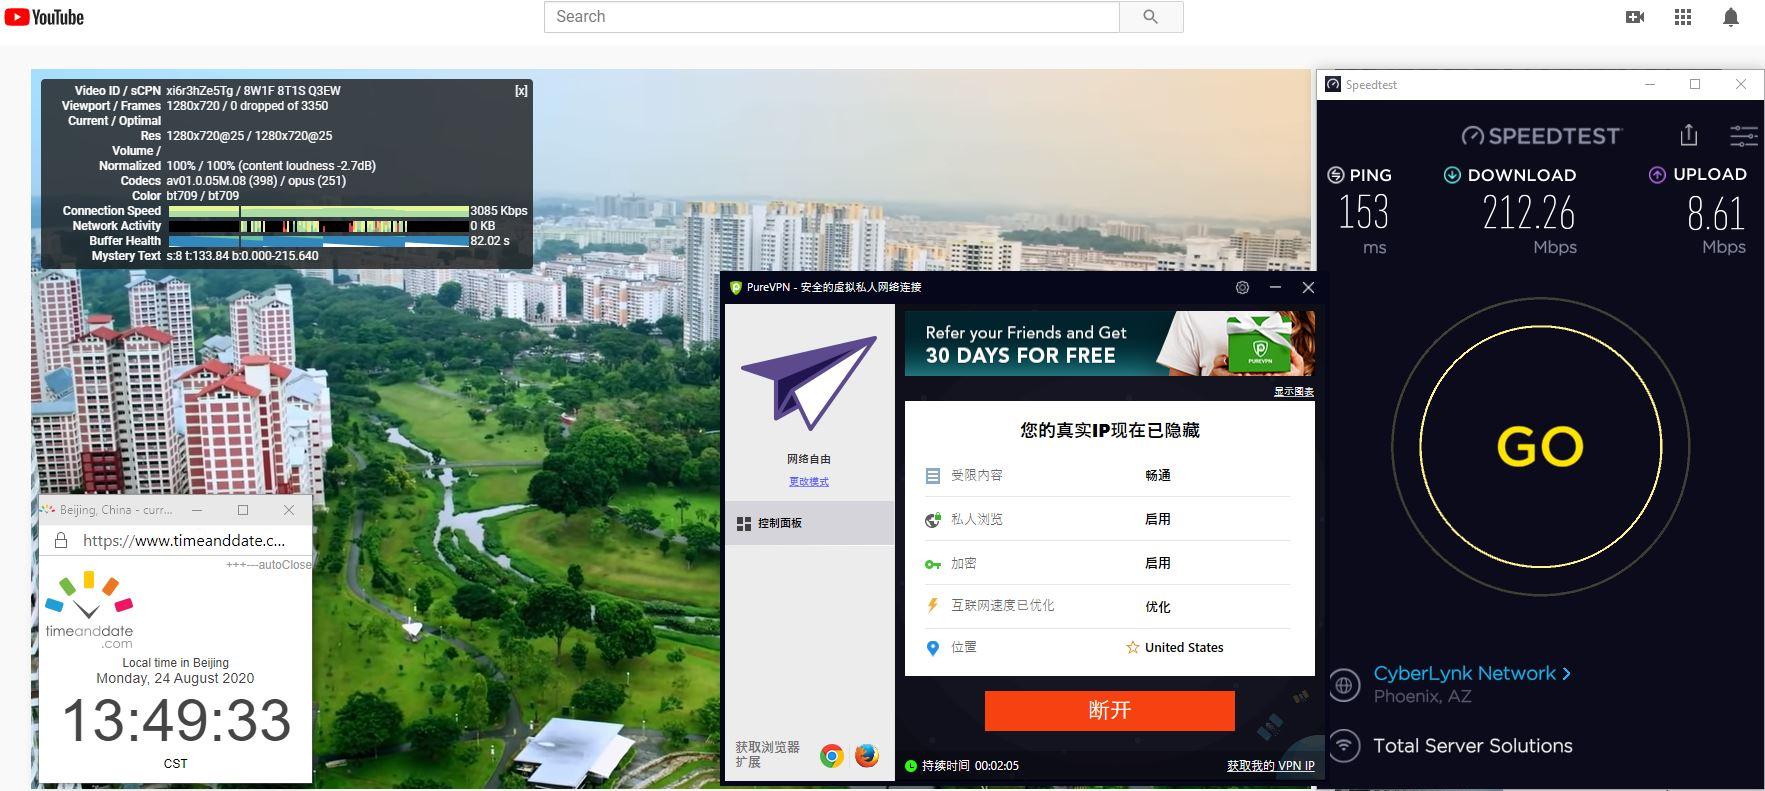 Windows10 PureVPN 自由网络 USA 中国VPN 翻墙 科学上网 翻墙速度测试 SpeedTest - 20200824